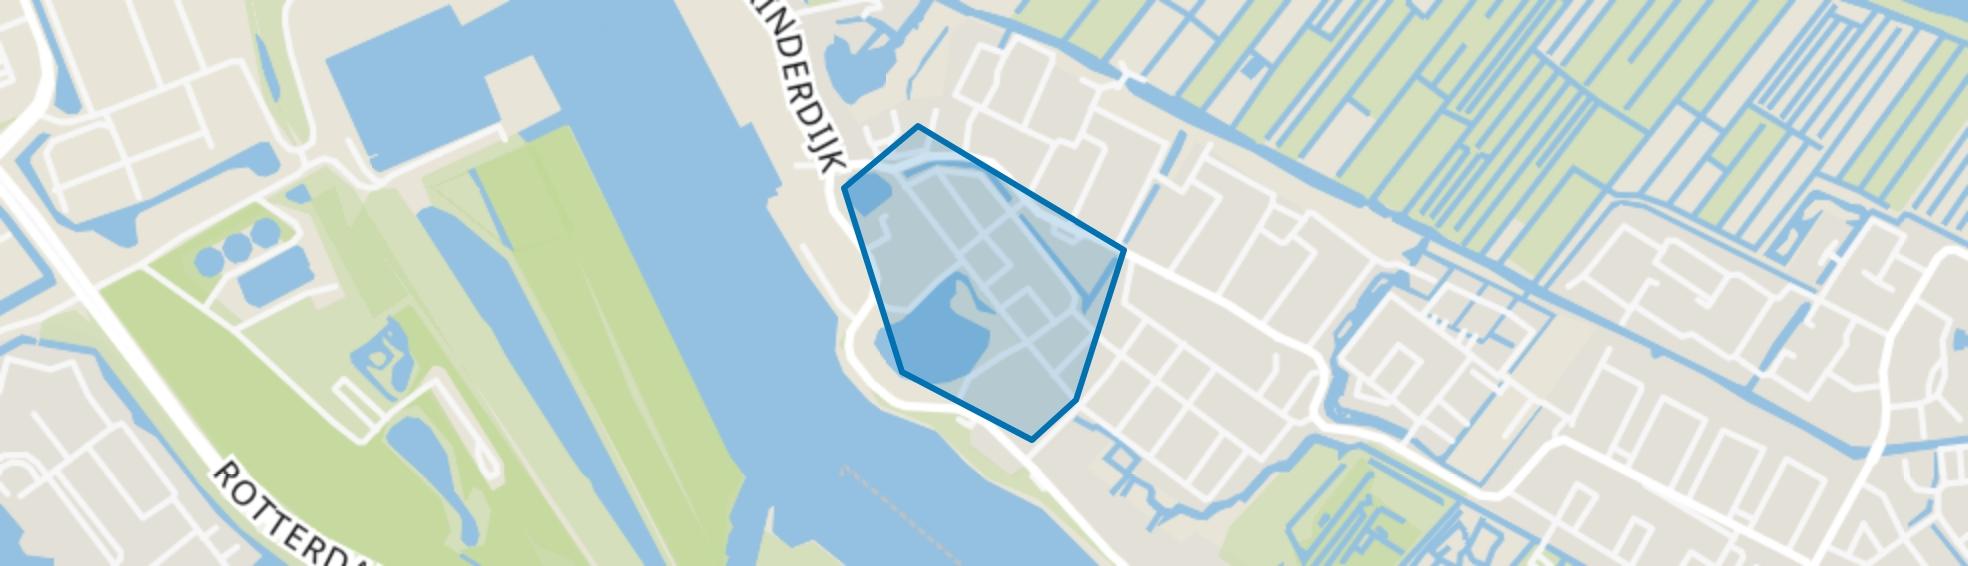 Nieuw Kinderdijk, Alblasserdam map